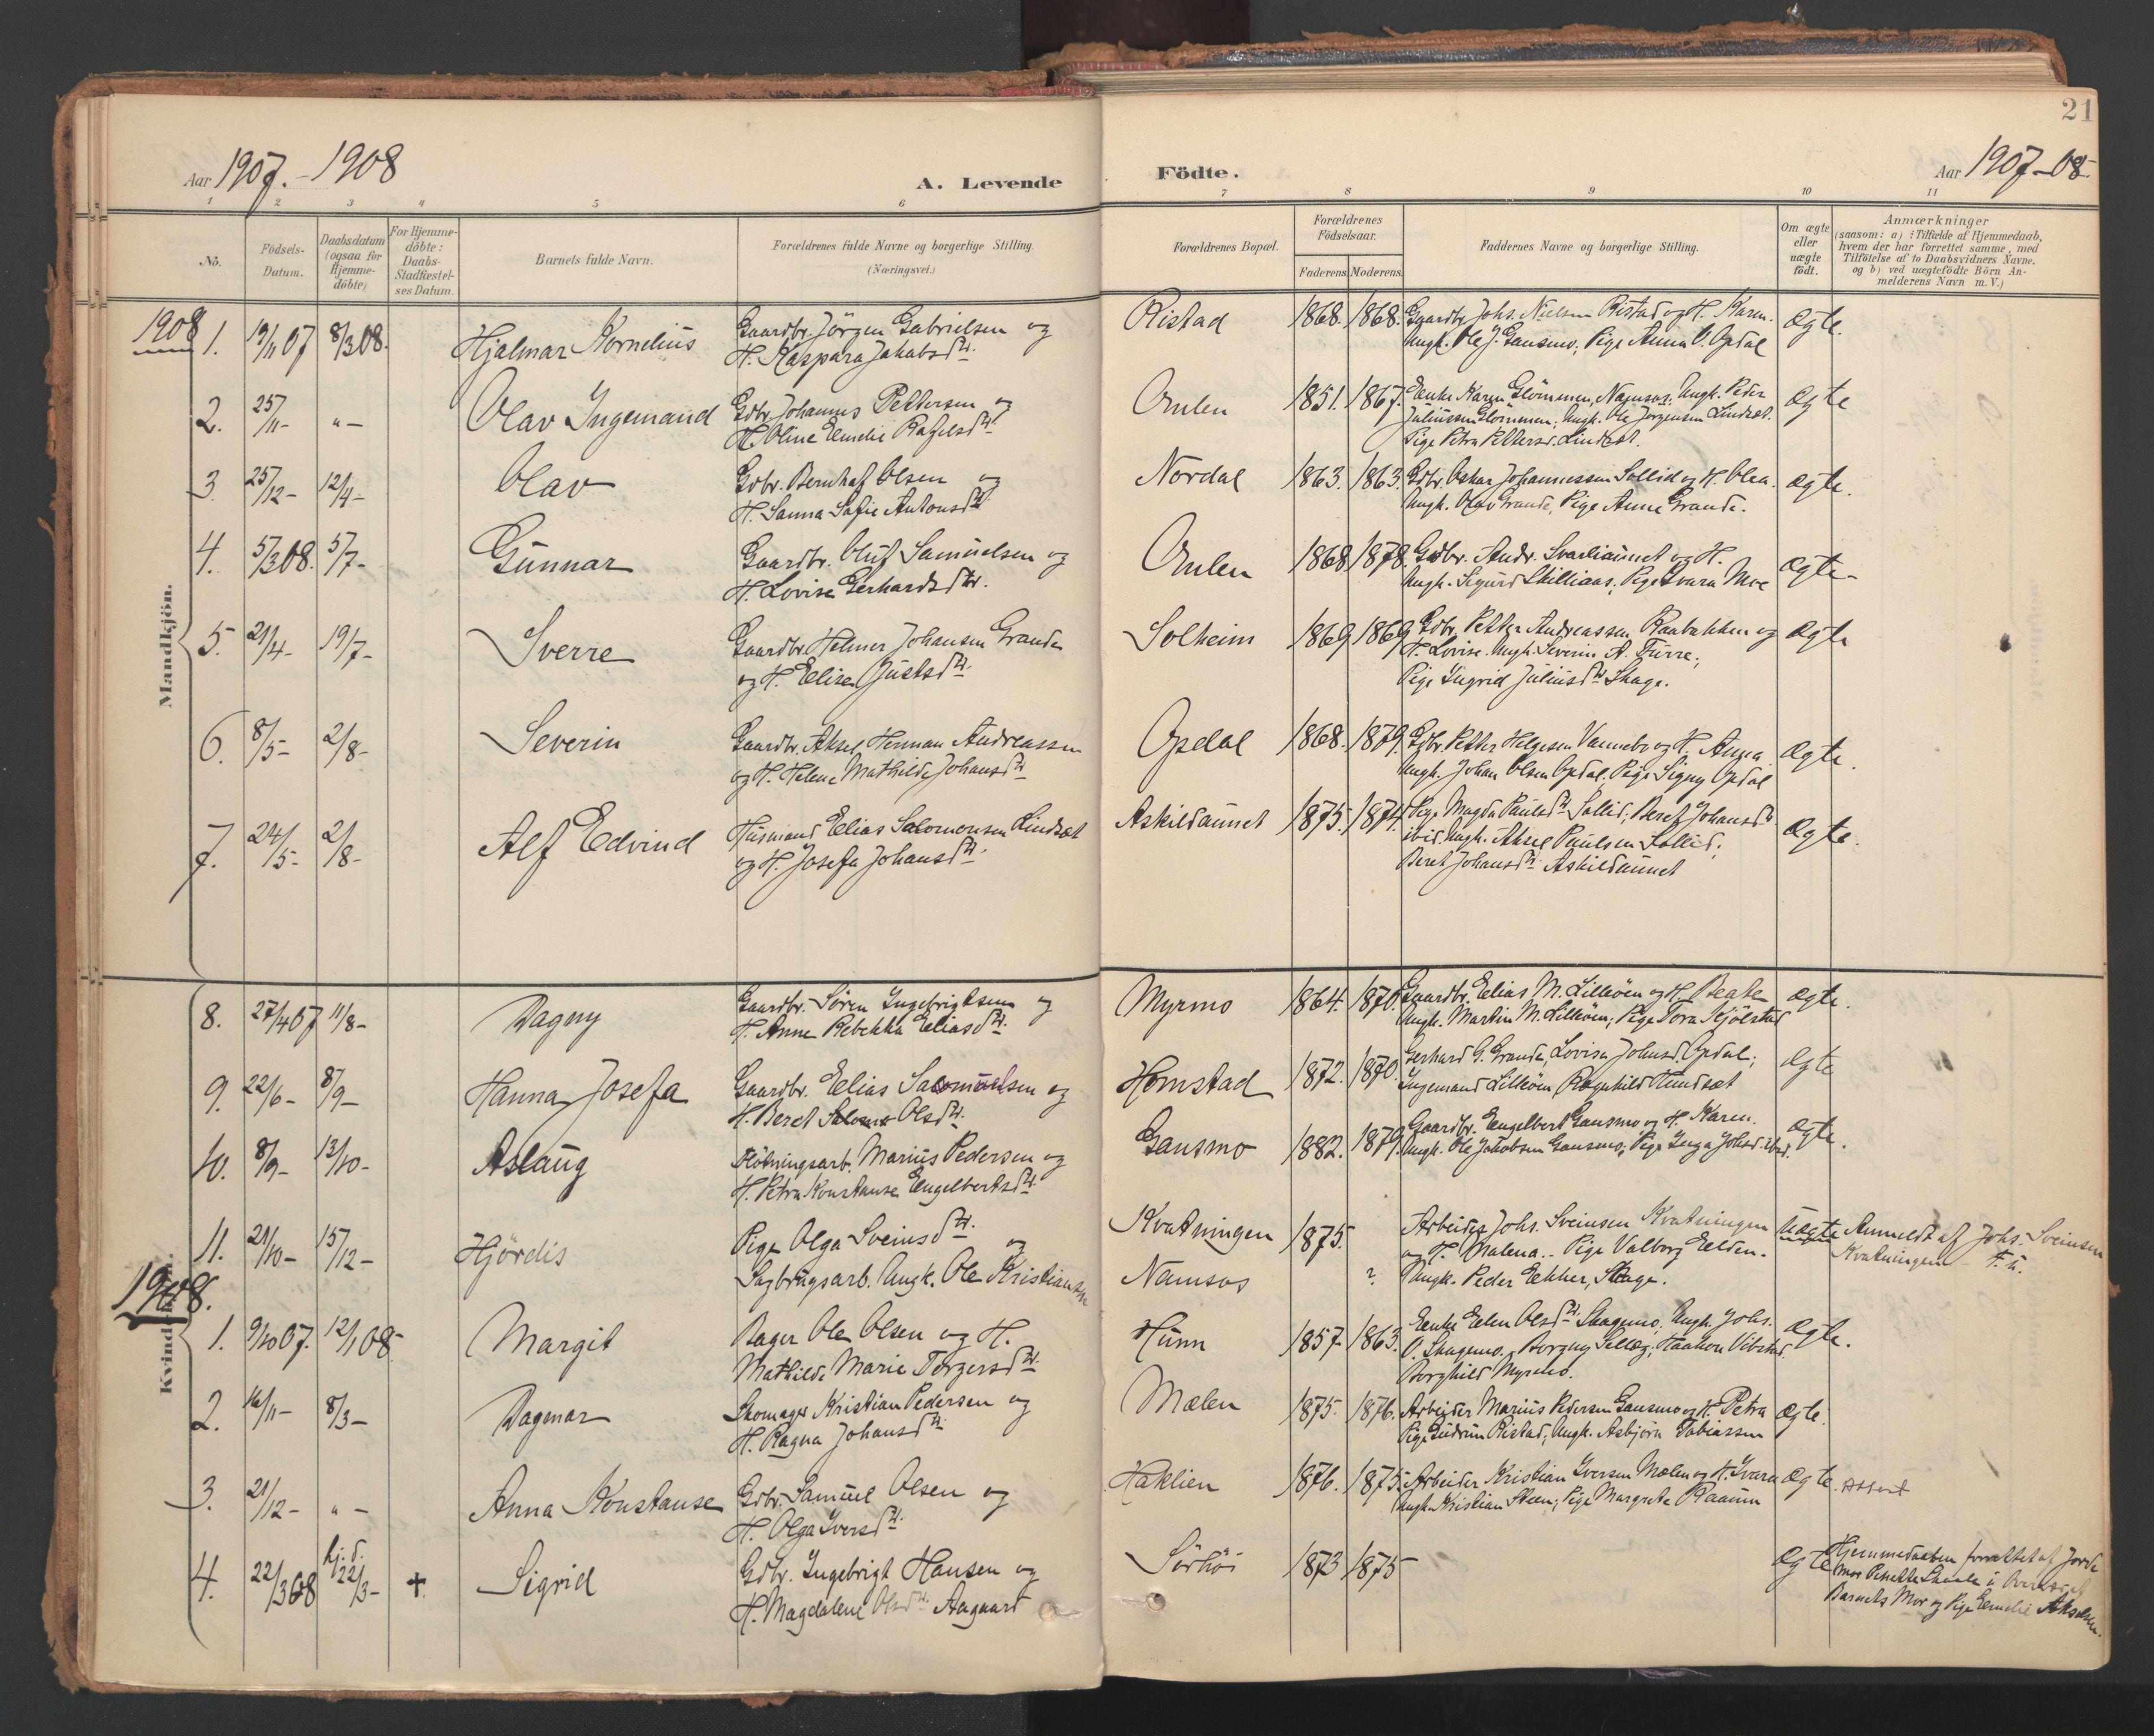 SAT, Ministerialprotokoller, klokkerbøker og fødselsregistre - Nord-Trøndelag, 766/L0564: Ministerialbok nr. 767A02, 1900-1932, s. 21